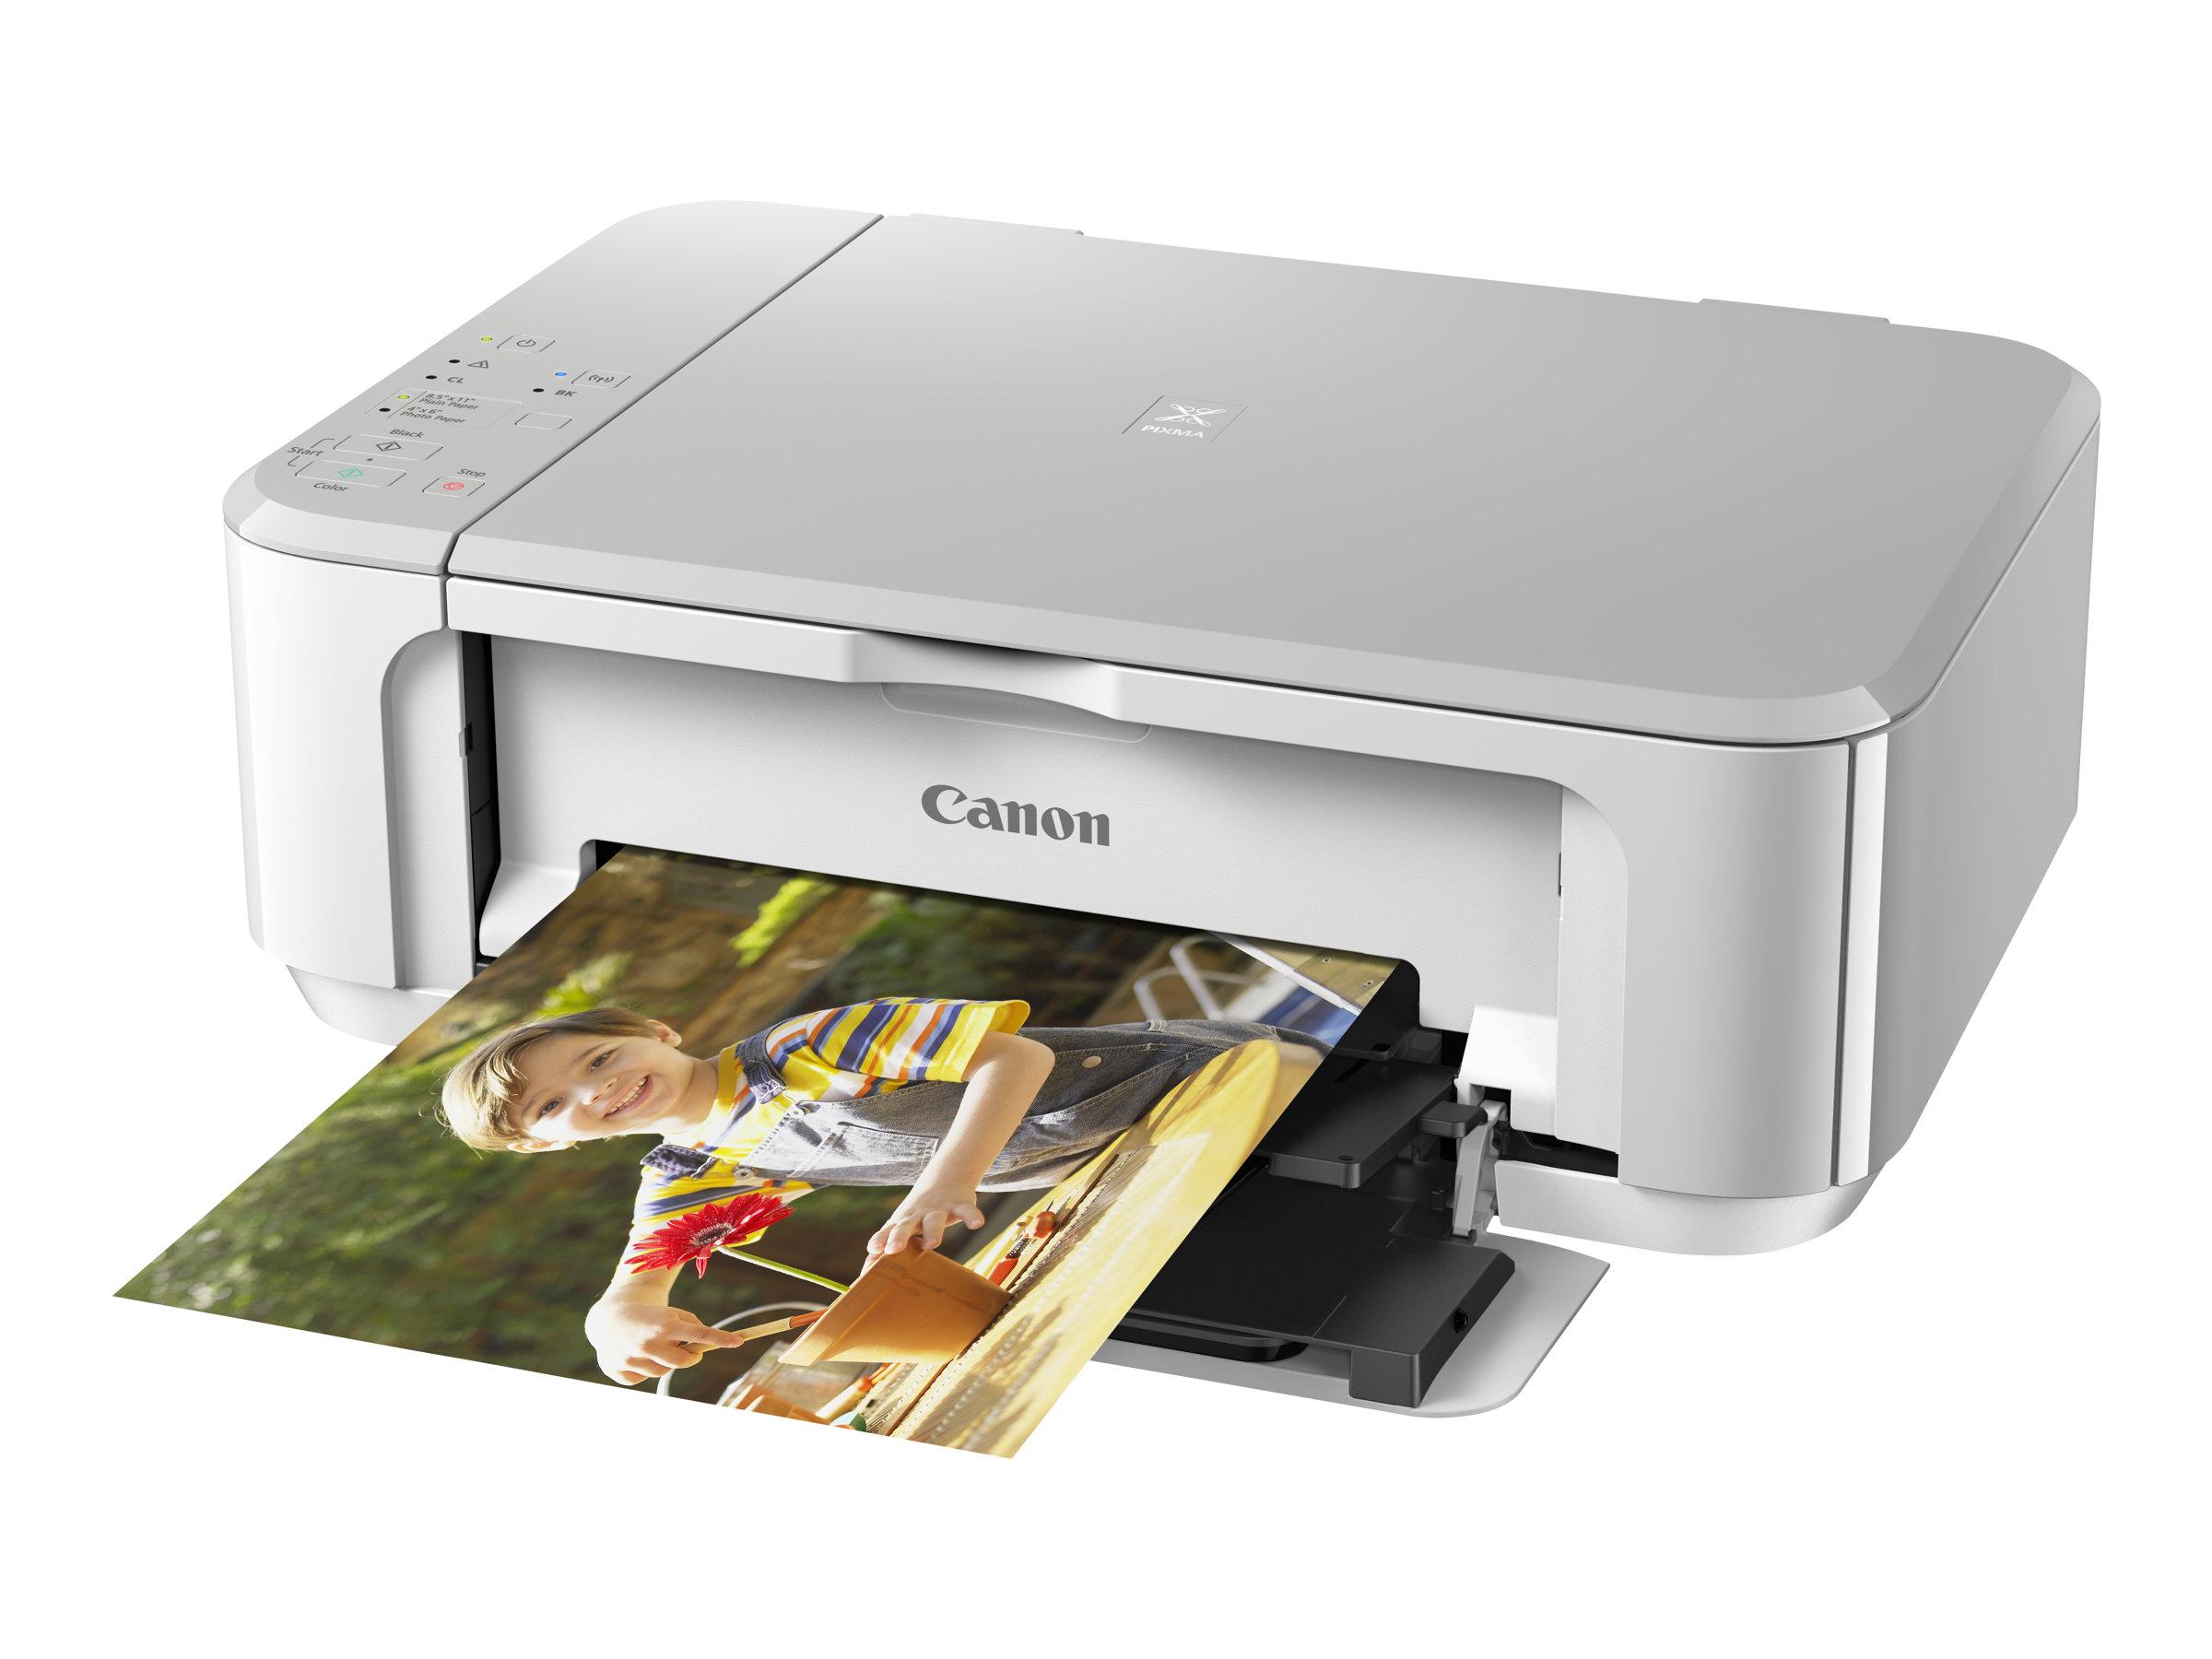 cartouches imprimante canon pixma mg3650 canon pixma mg 3650. Black Bedroom Furniture Sets. Home Design Ideas